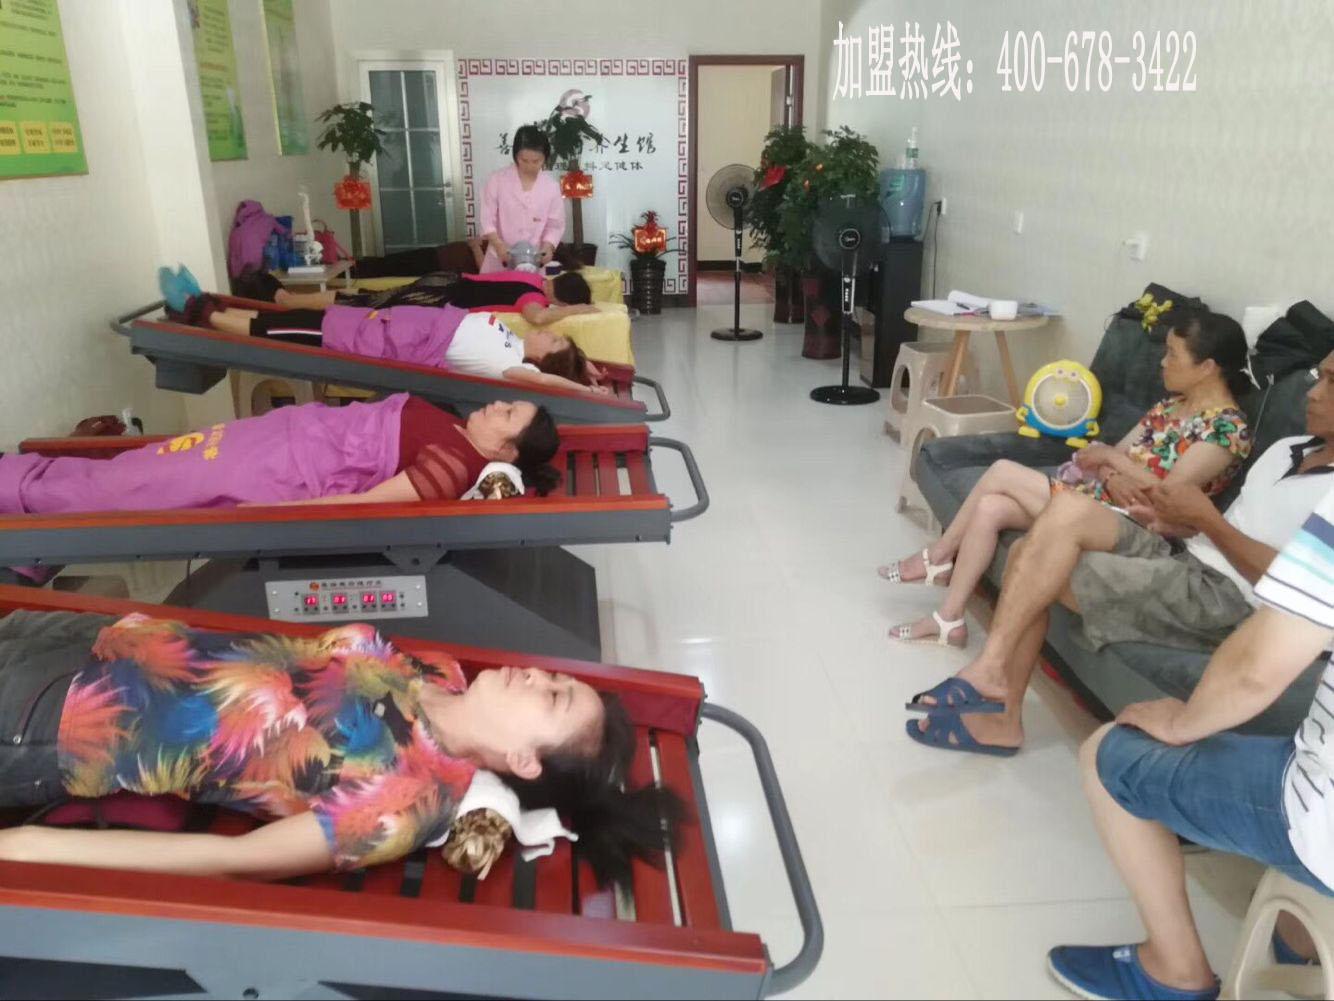 專業的理療設備廠家推薦|郴州理療店加盟價位